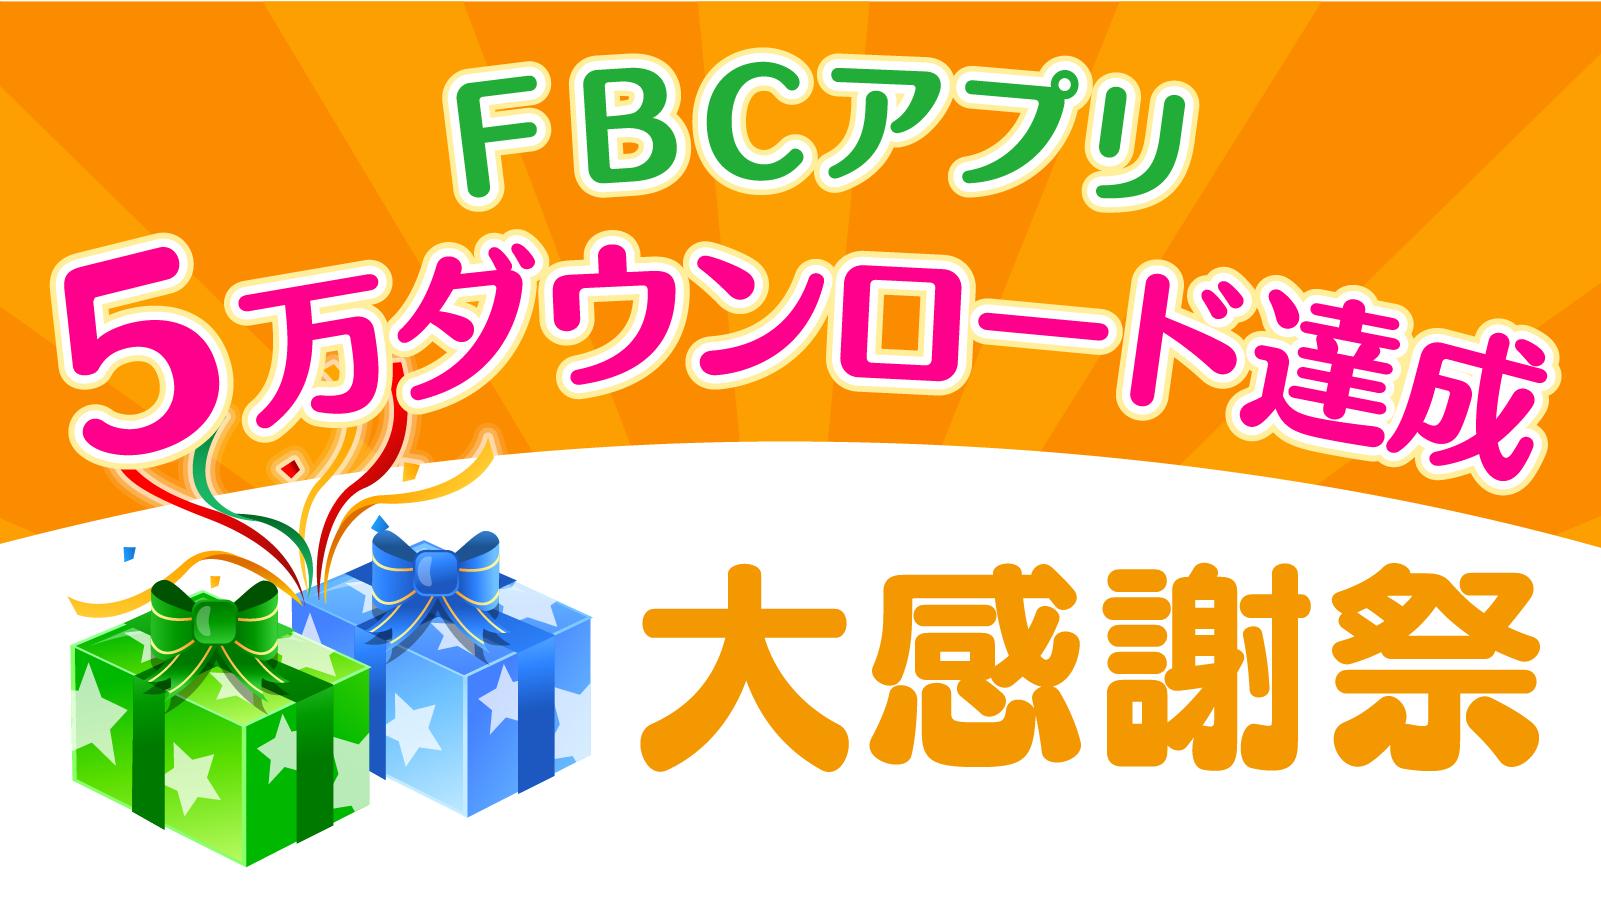 FBCアプリ5万ダウンロード達成 大感謝祭